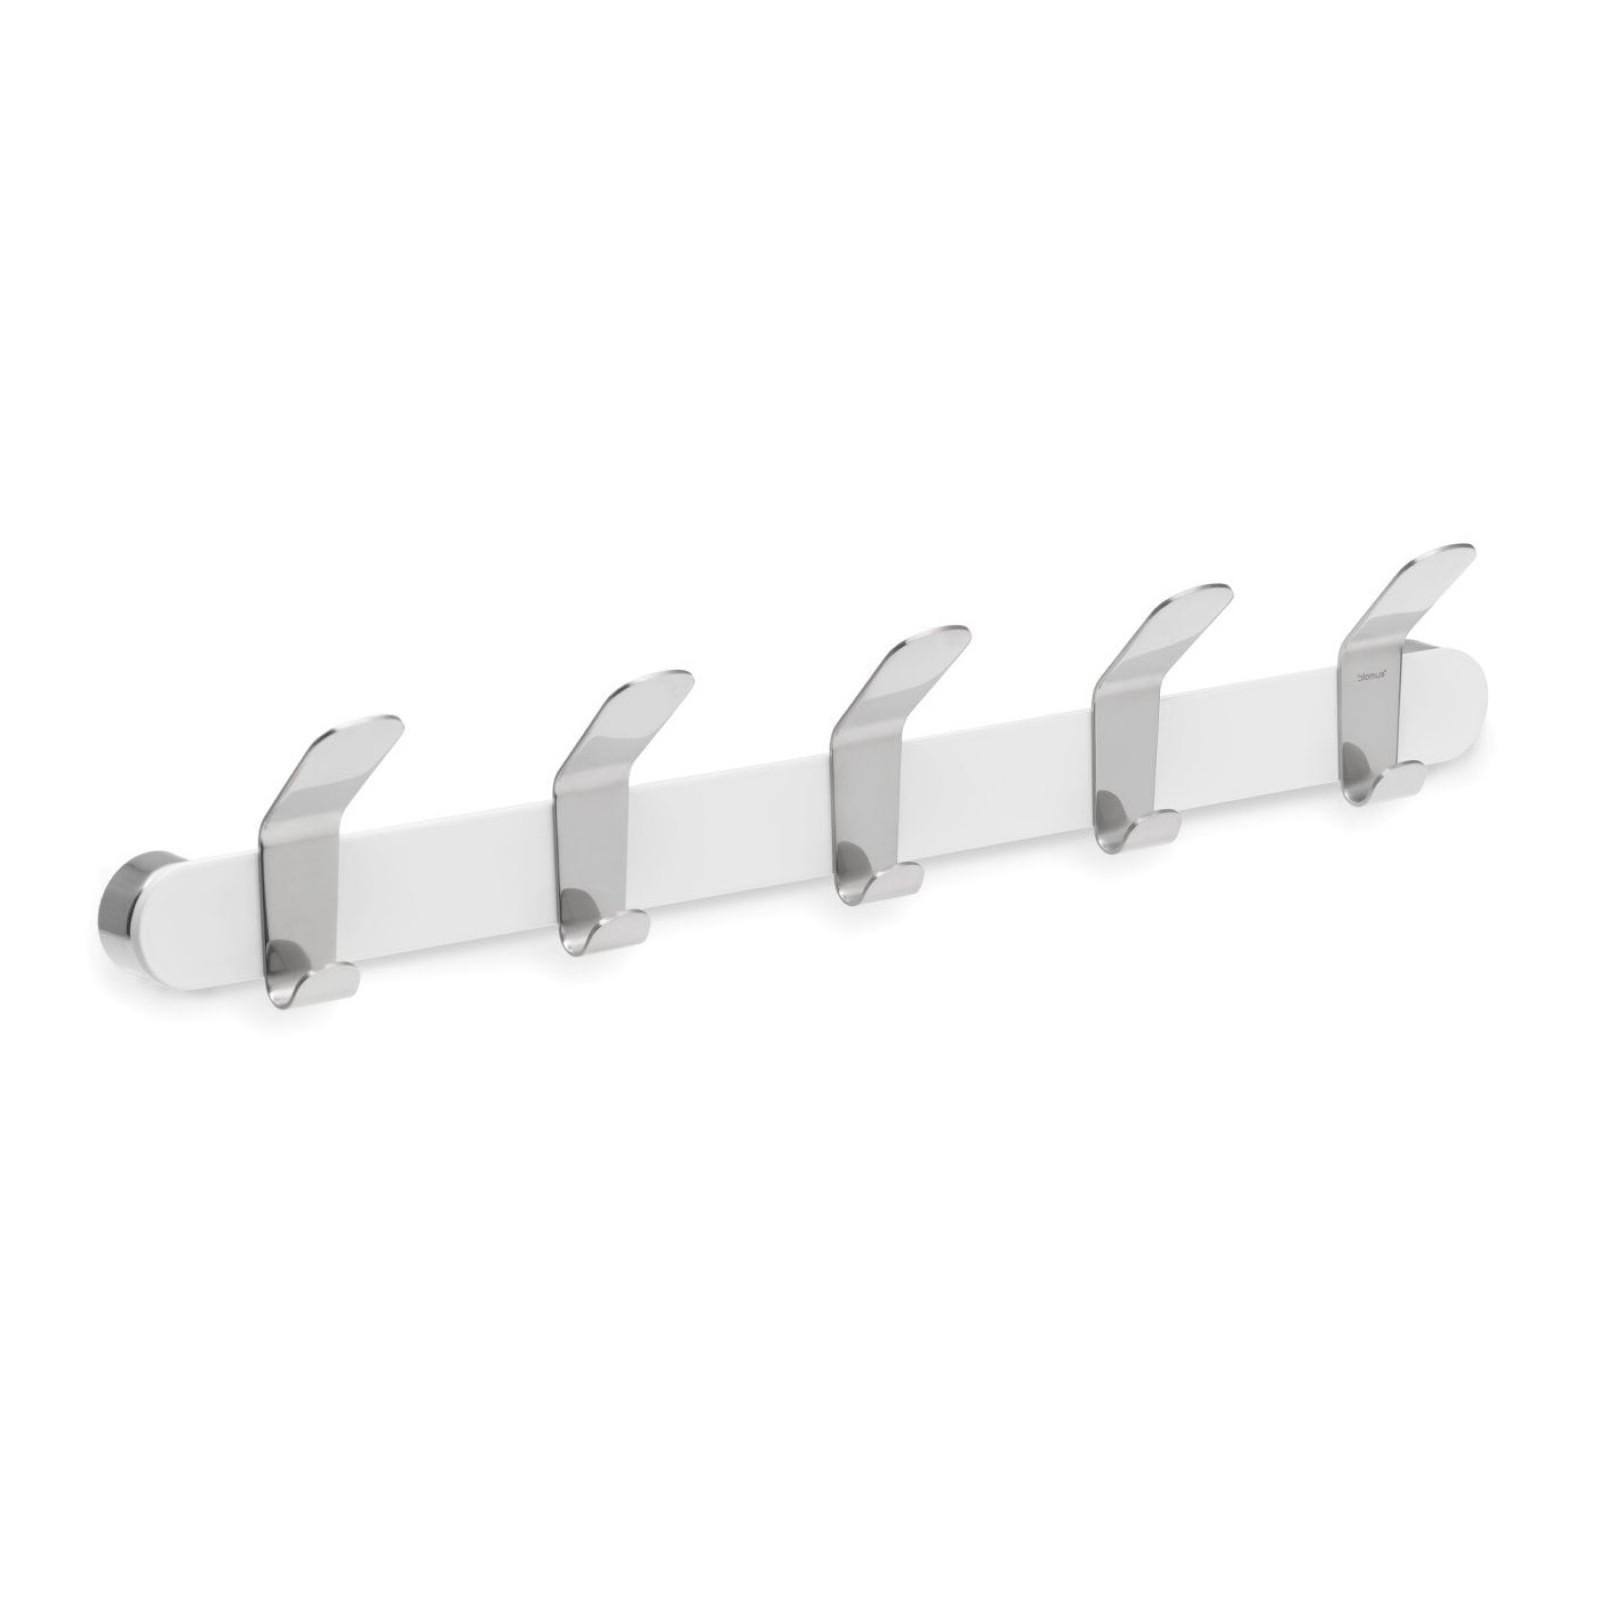 Κρεμάστρα Τοίχου VENEA 5 Θέσεων (Λευκό) - Blomus